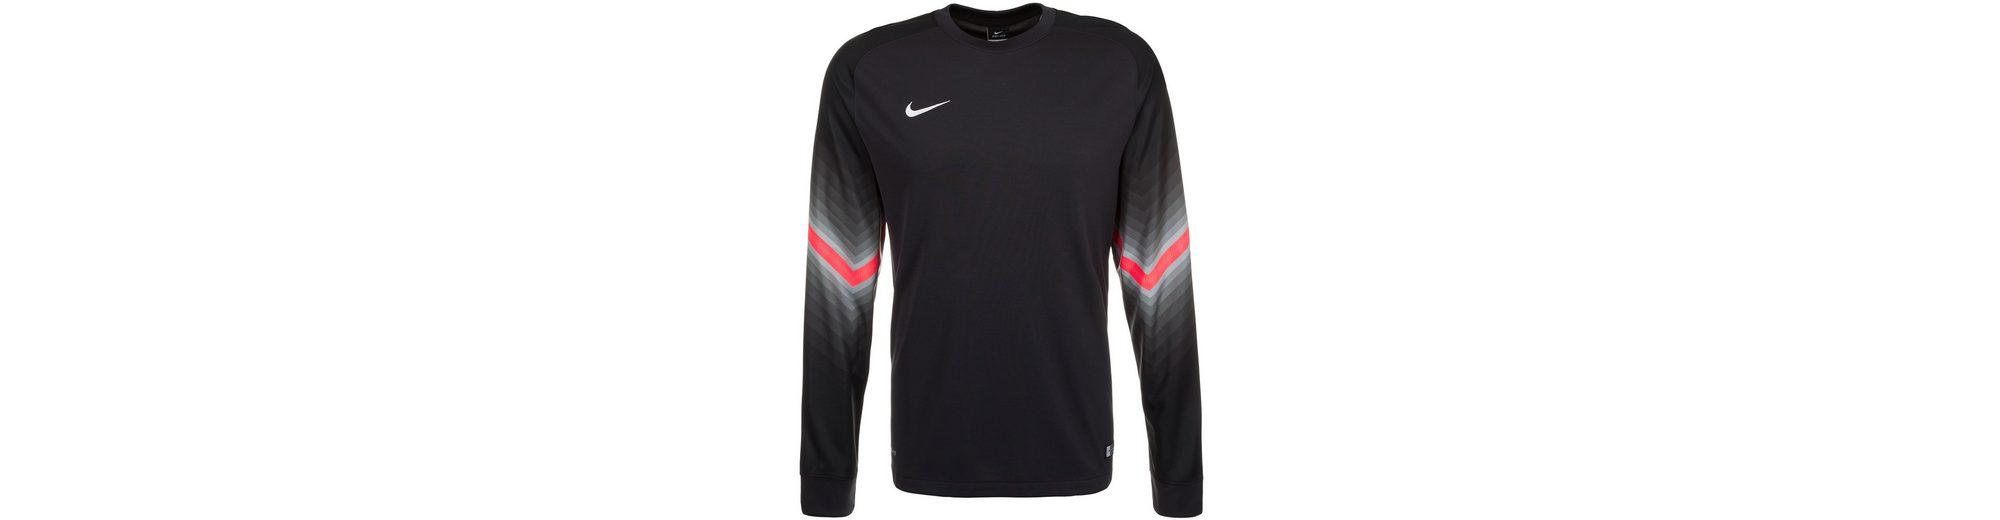 Nike Goleiro Torwarttrikot Herren Billigste Zum Verkauf Aus Deutschland Günstig Online somV38yns